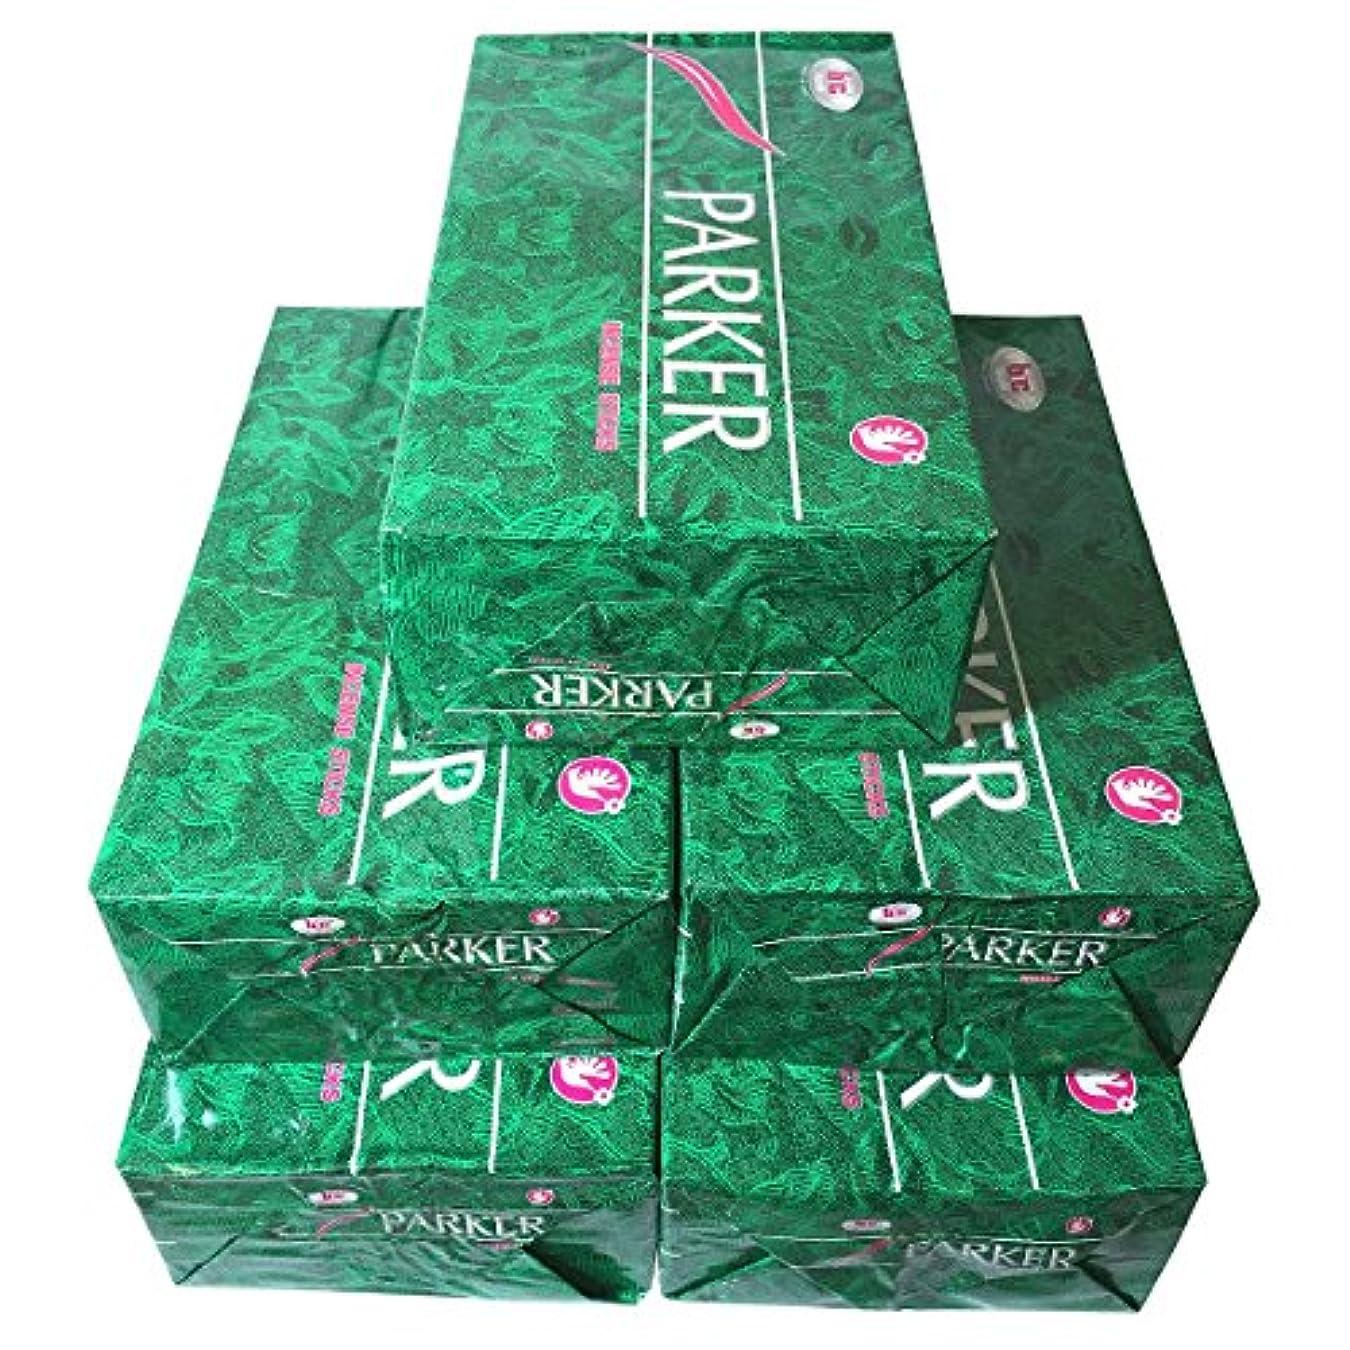 行くお祝い前提条件パーカー香スティック 5BOX(30箱)/BIC PARKER/ インド香 / 送料無料 [並行輸入品]